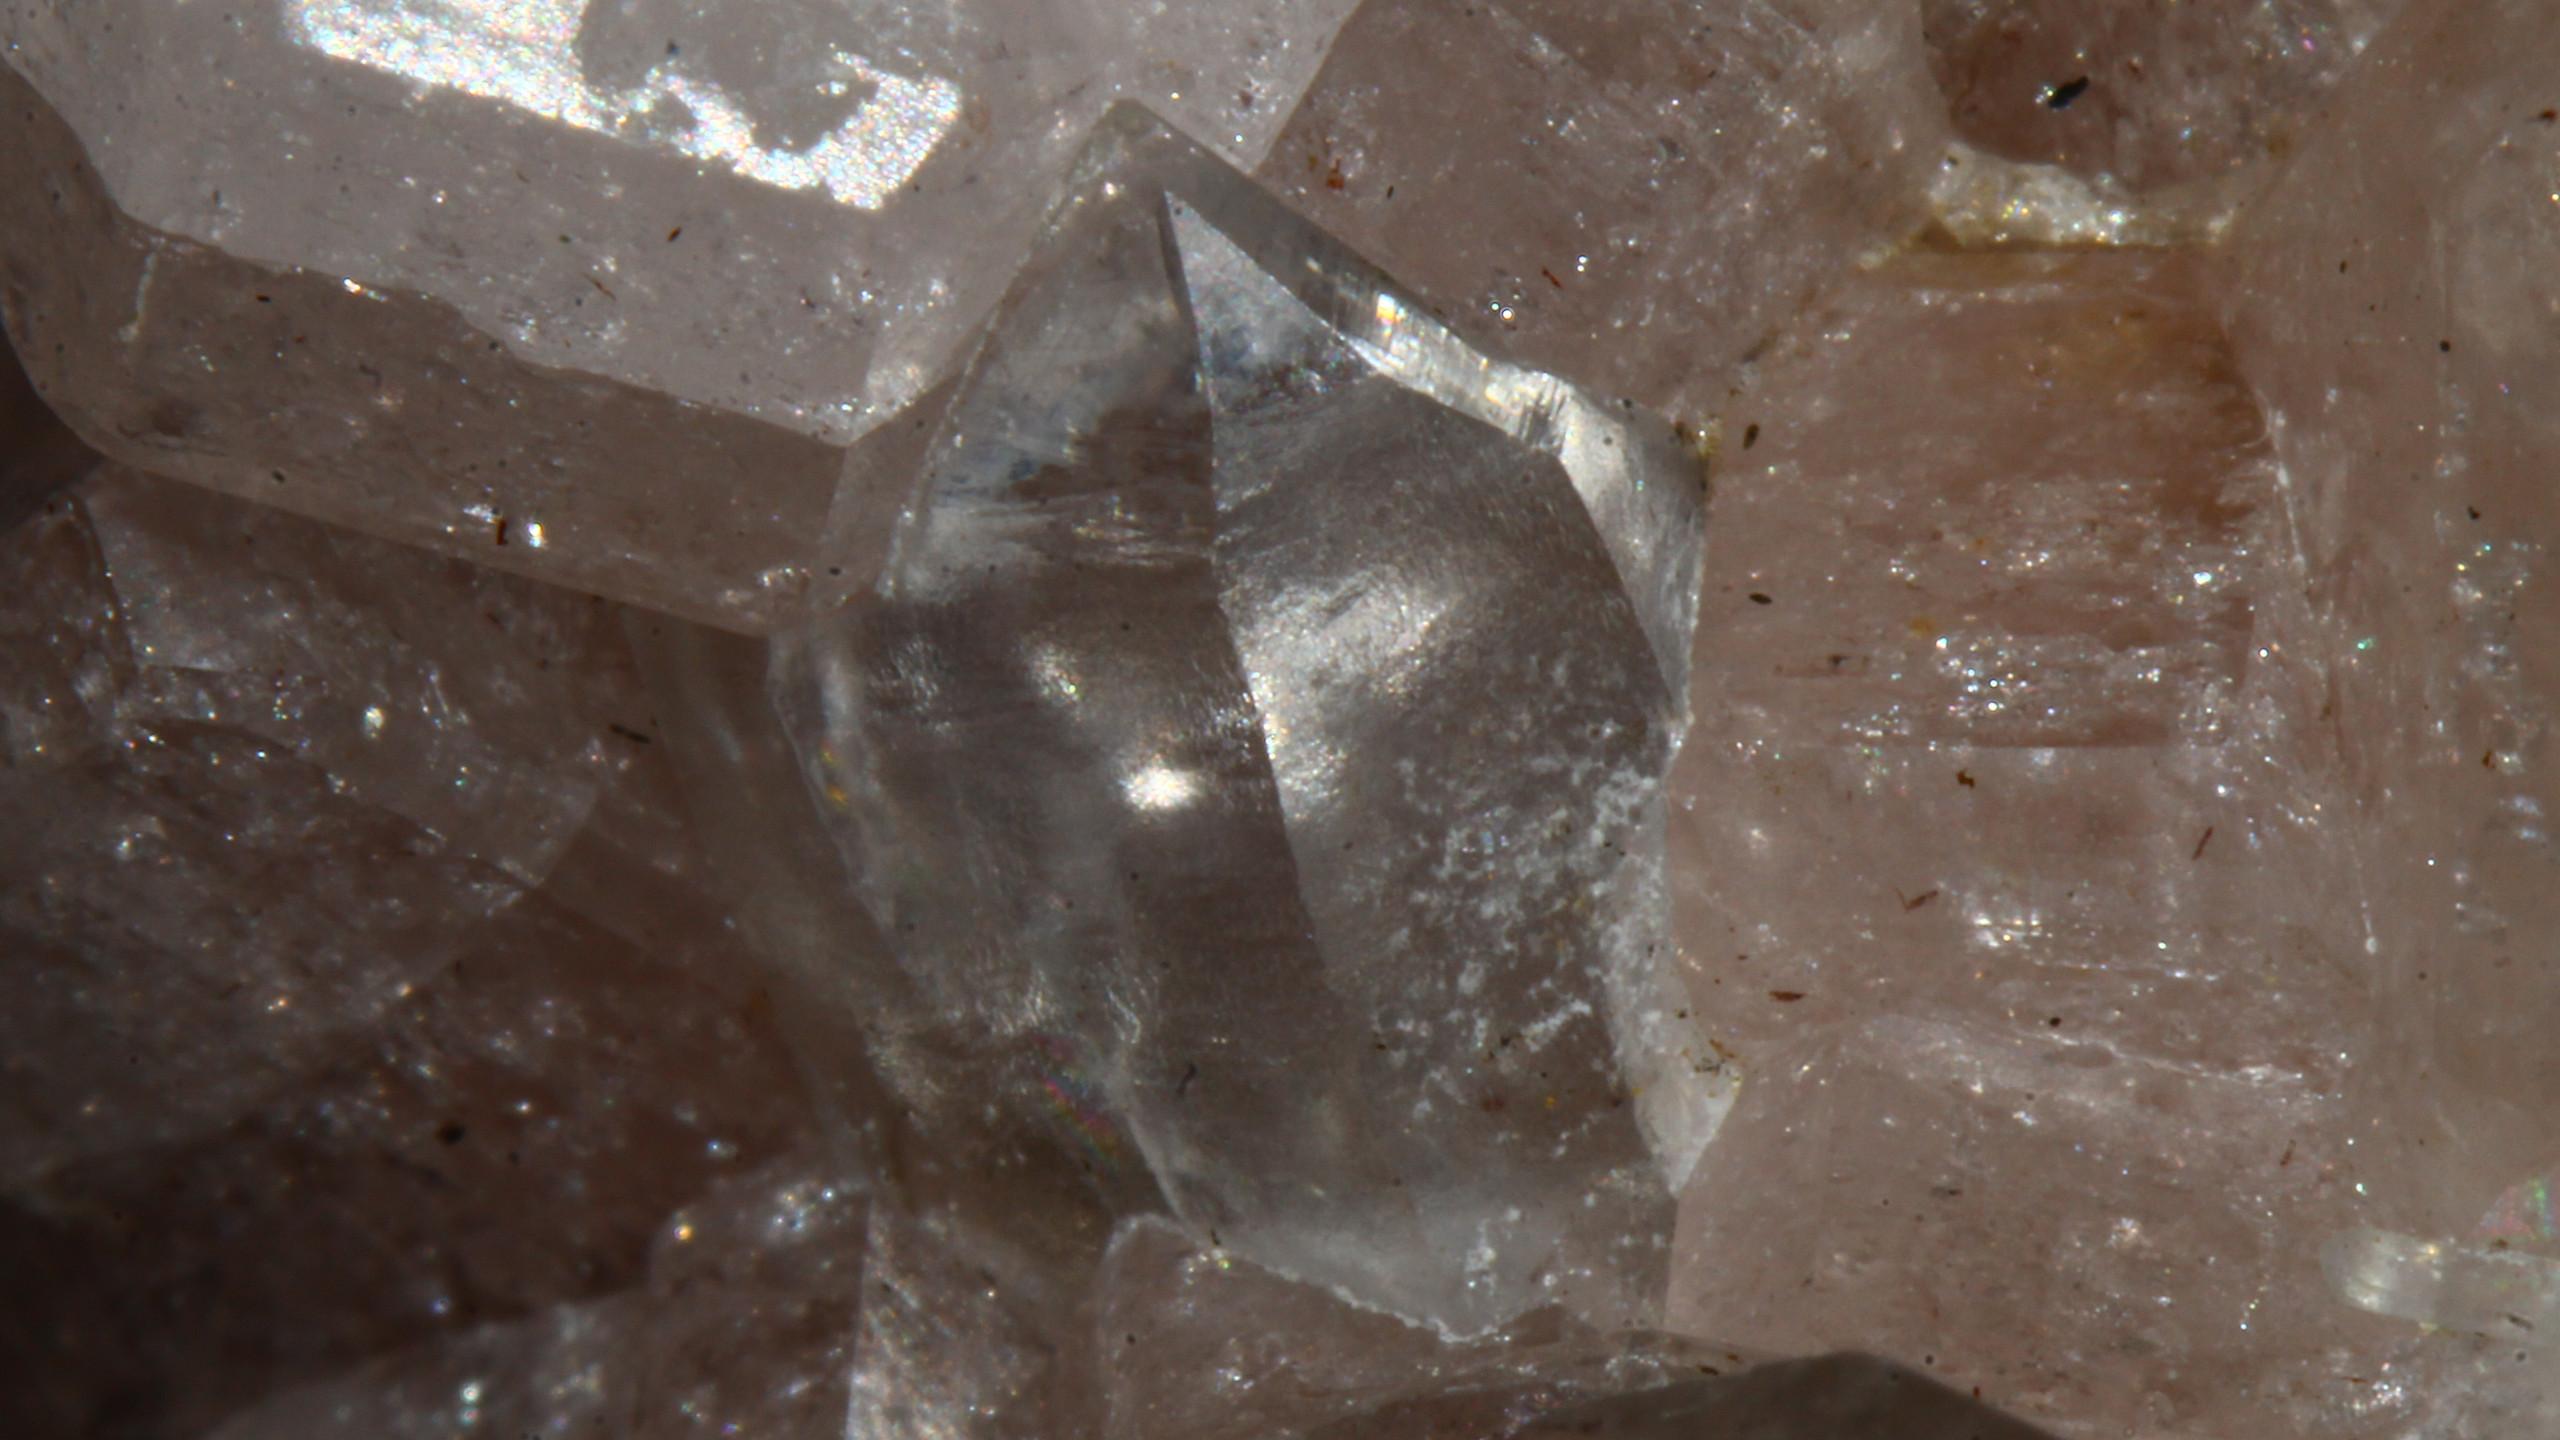 Close-up of Quartz Crystal - WL